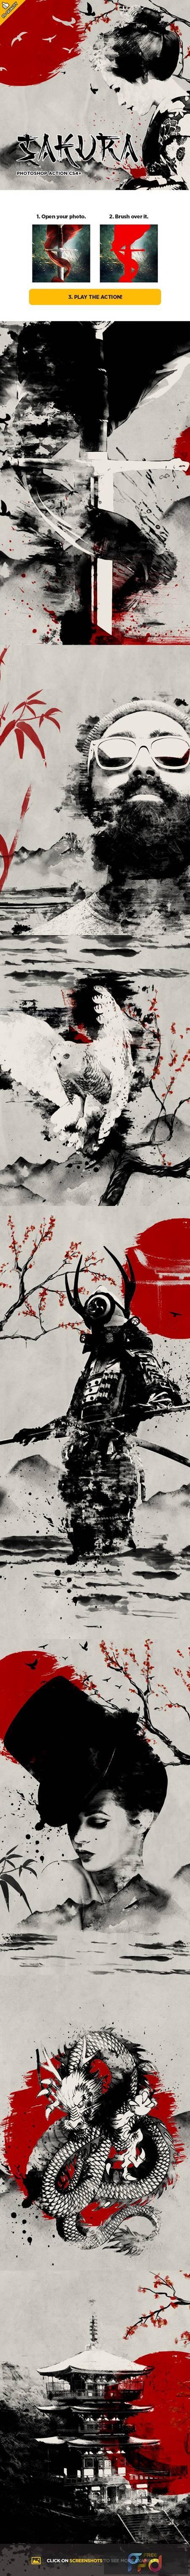 Sakura CS4+ Photoshop Action 28714090 1